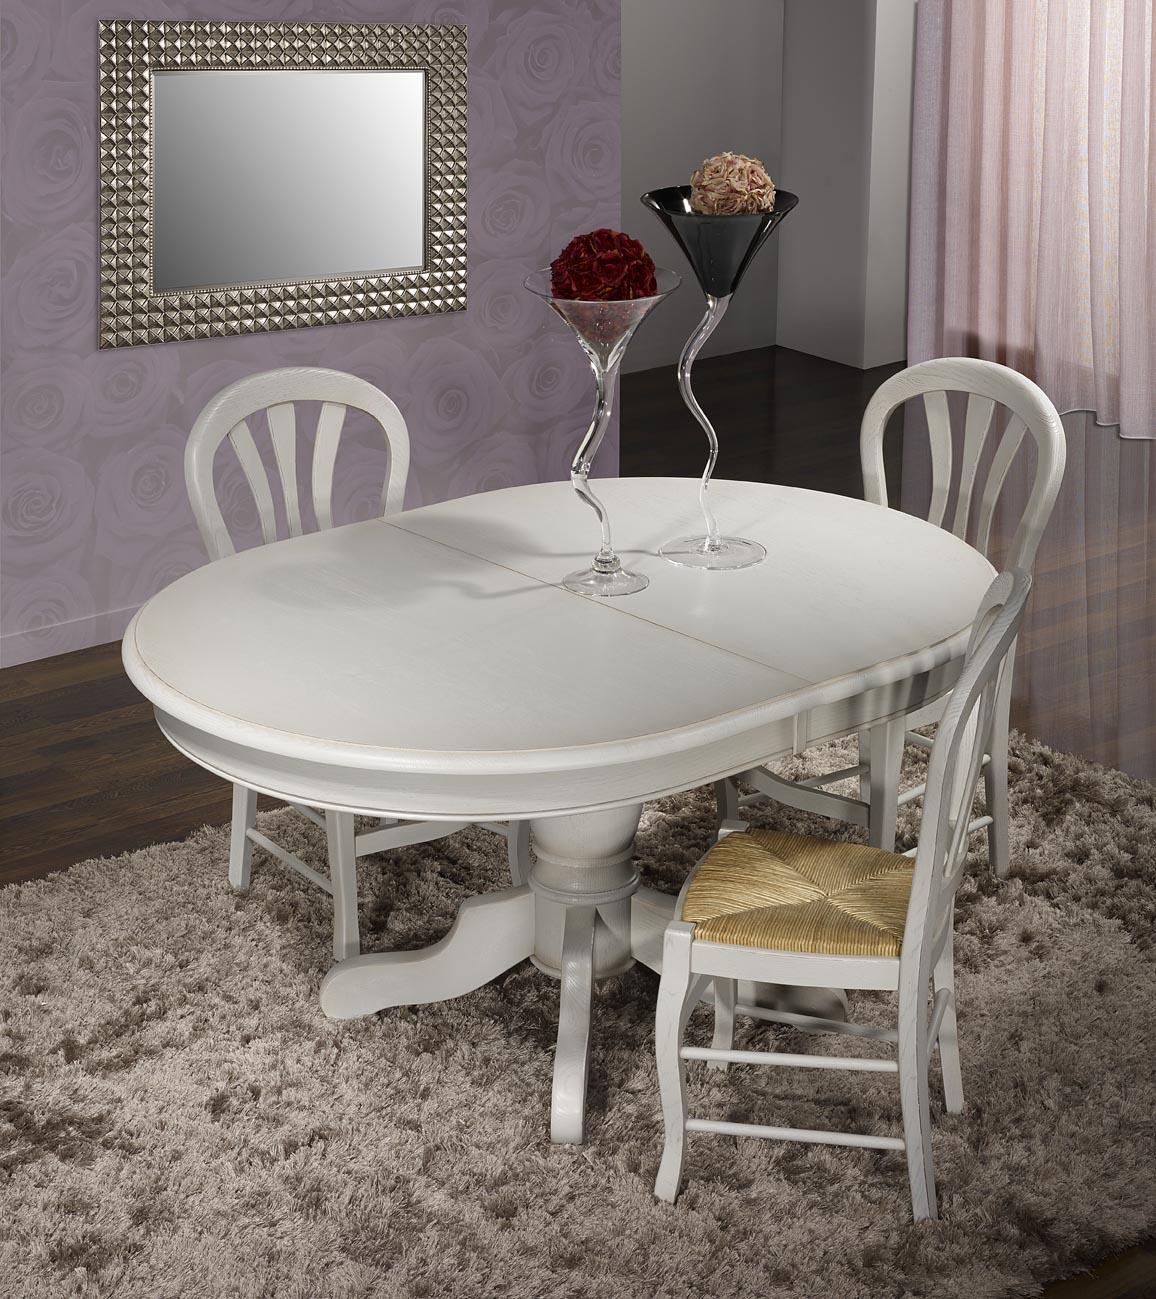 meuble en ch ne table ovale pied central romain r alis e en ch ne massif de style louis philippe. Black Bedroom Furniture Sets. Home Design Ideas